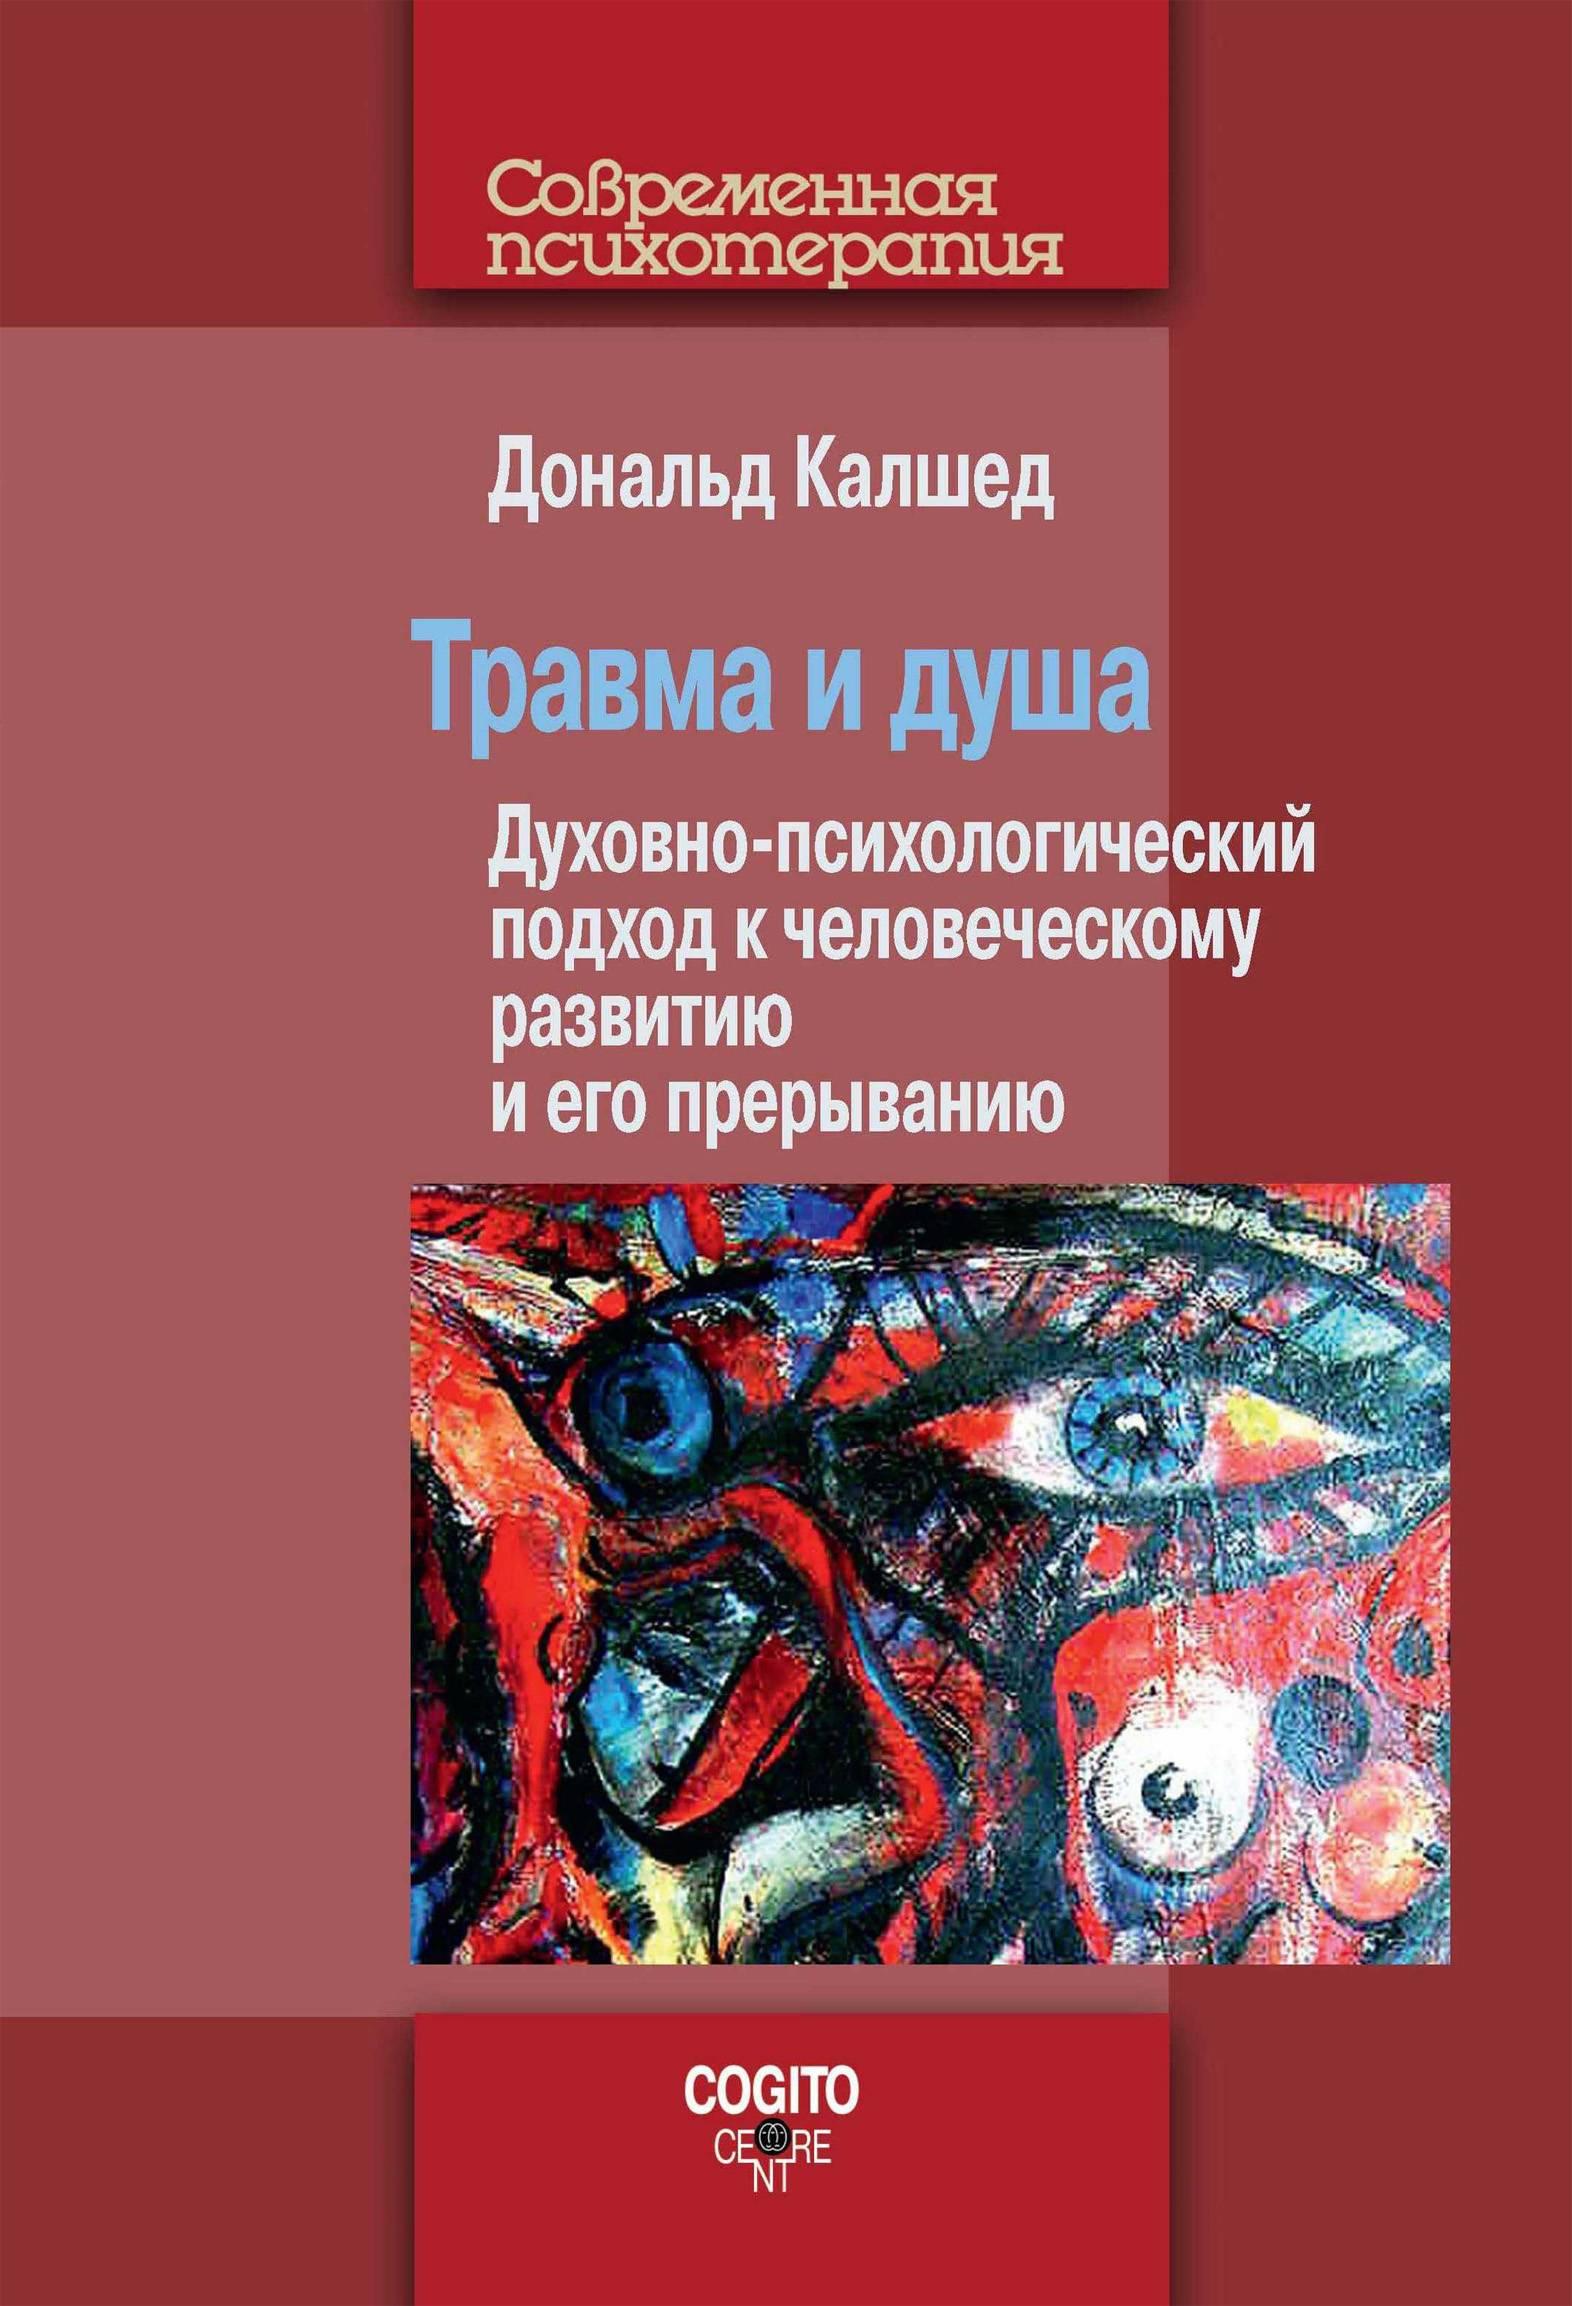 Психология: традиция - бесплатные статьи по психологии в доме солнца